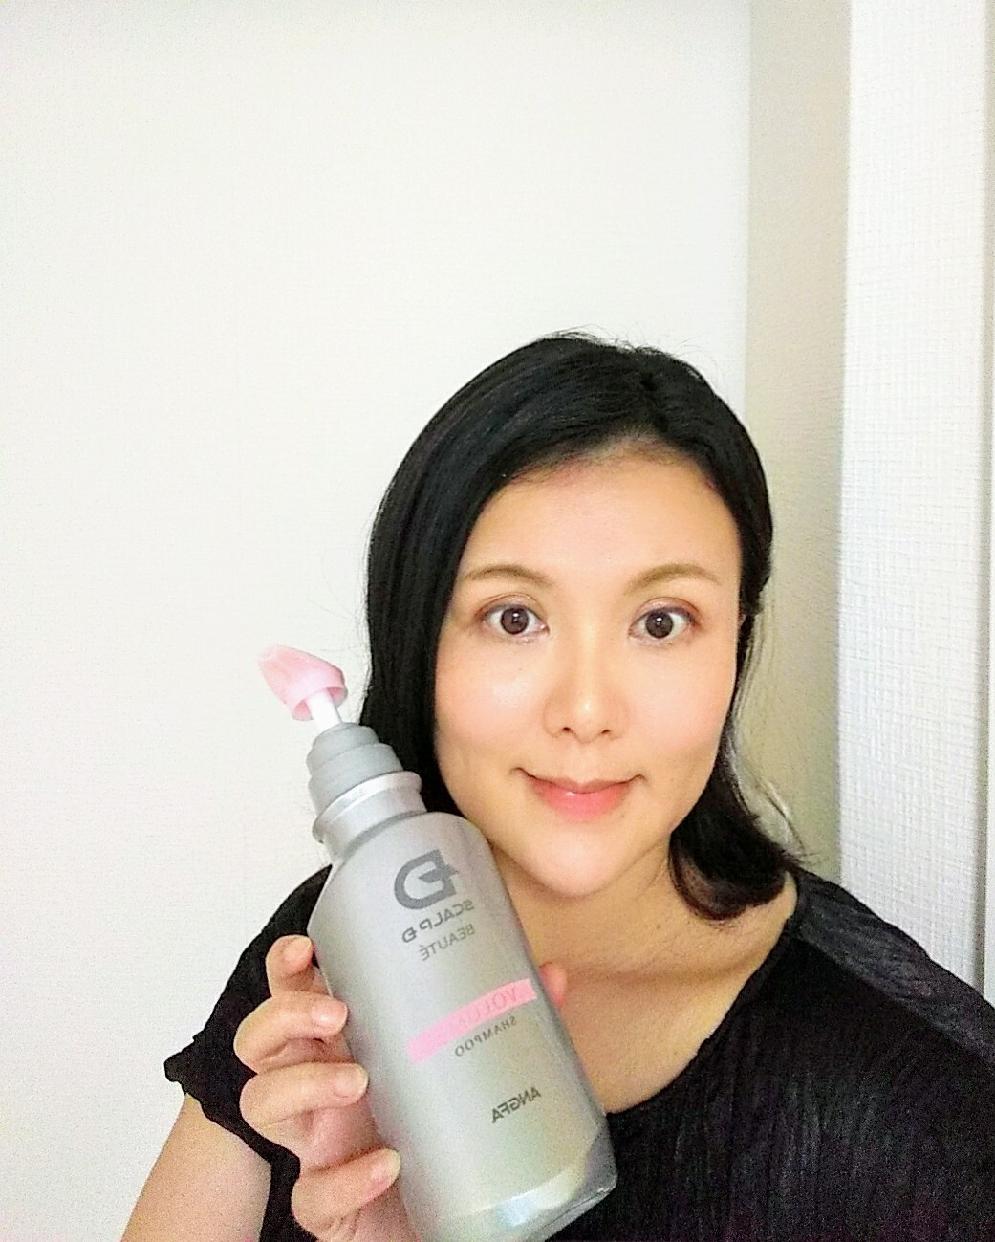 スカルプDボーテ薬用スカルプ シャンプー ボリュームタイプを使った 佐藤 暁子さんのクチコミ画像